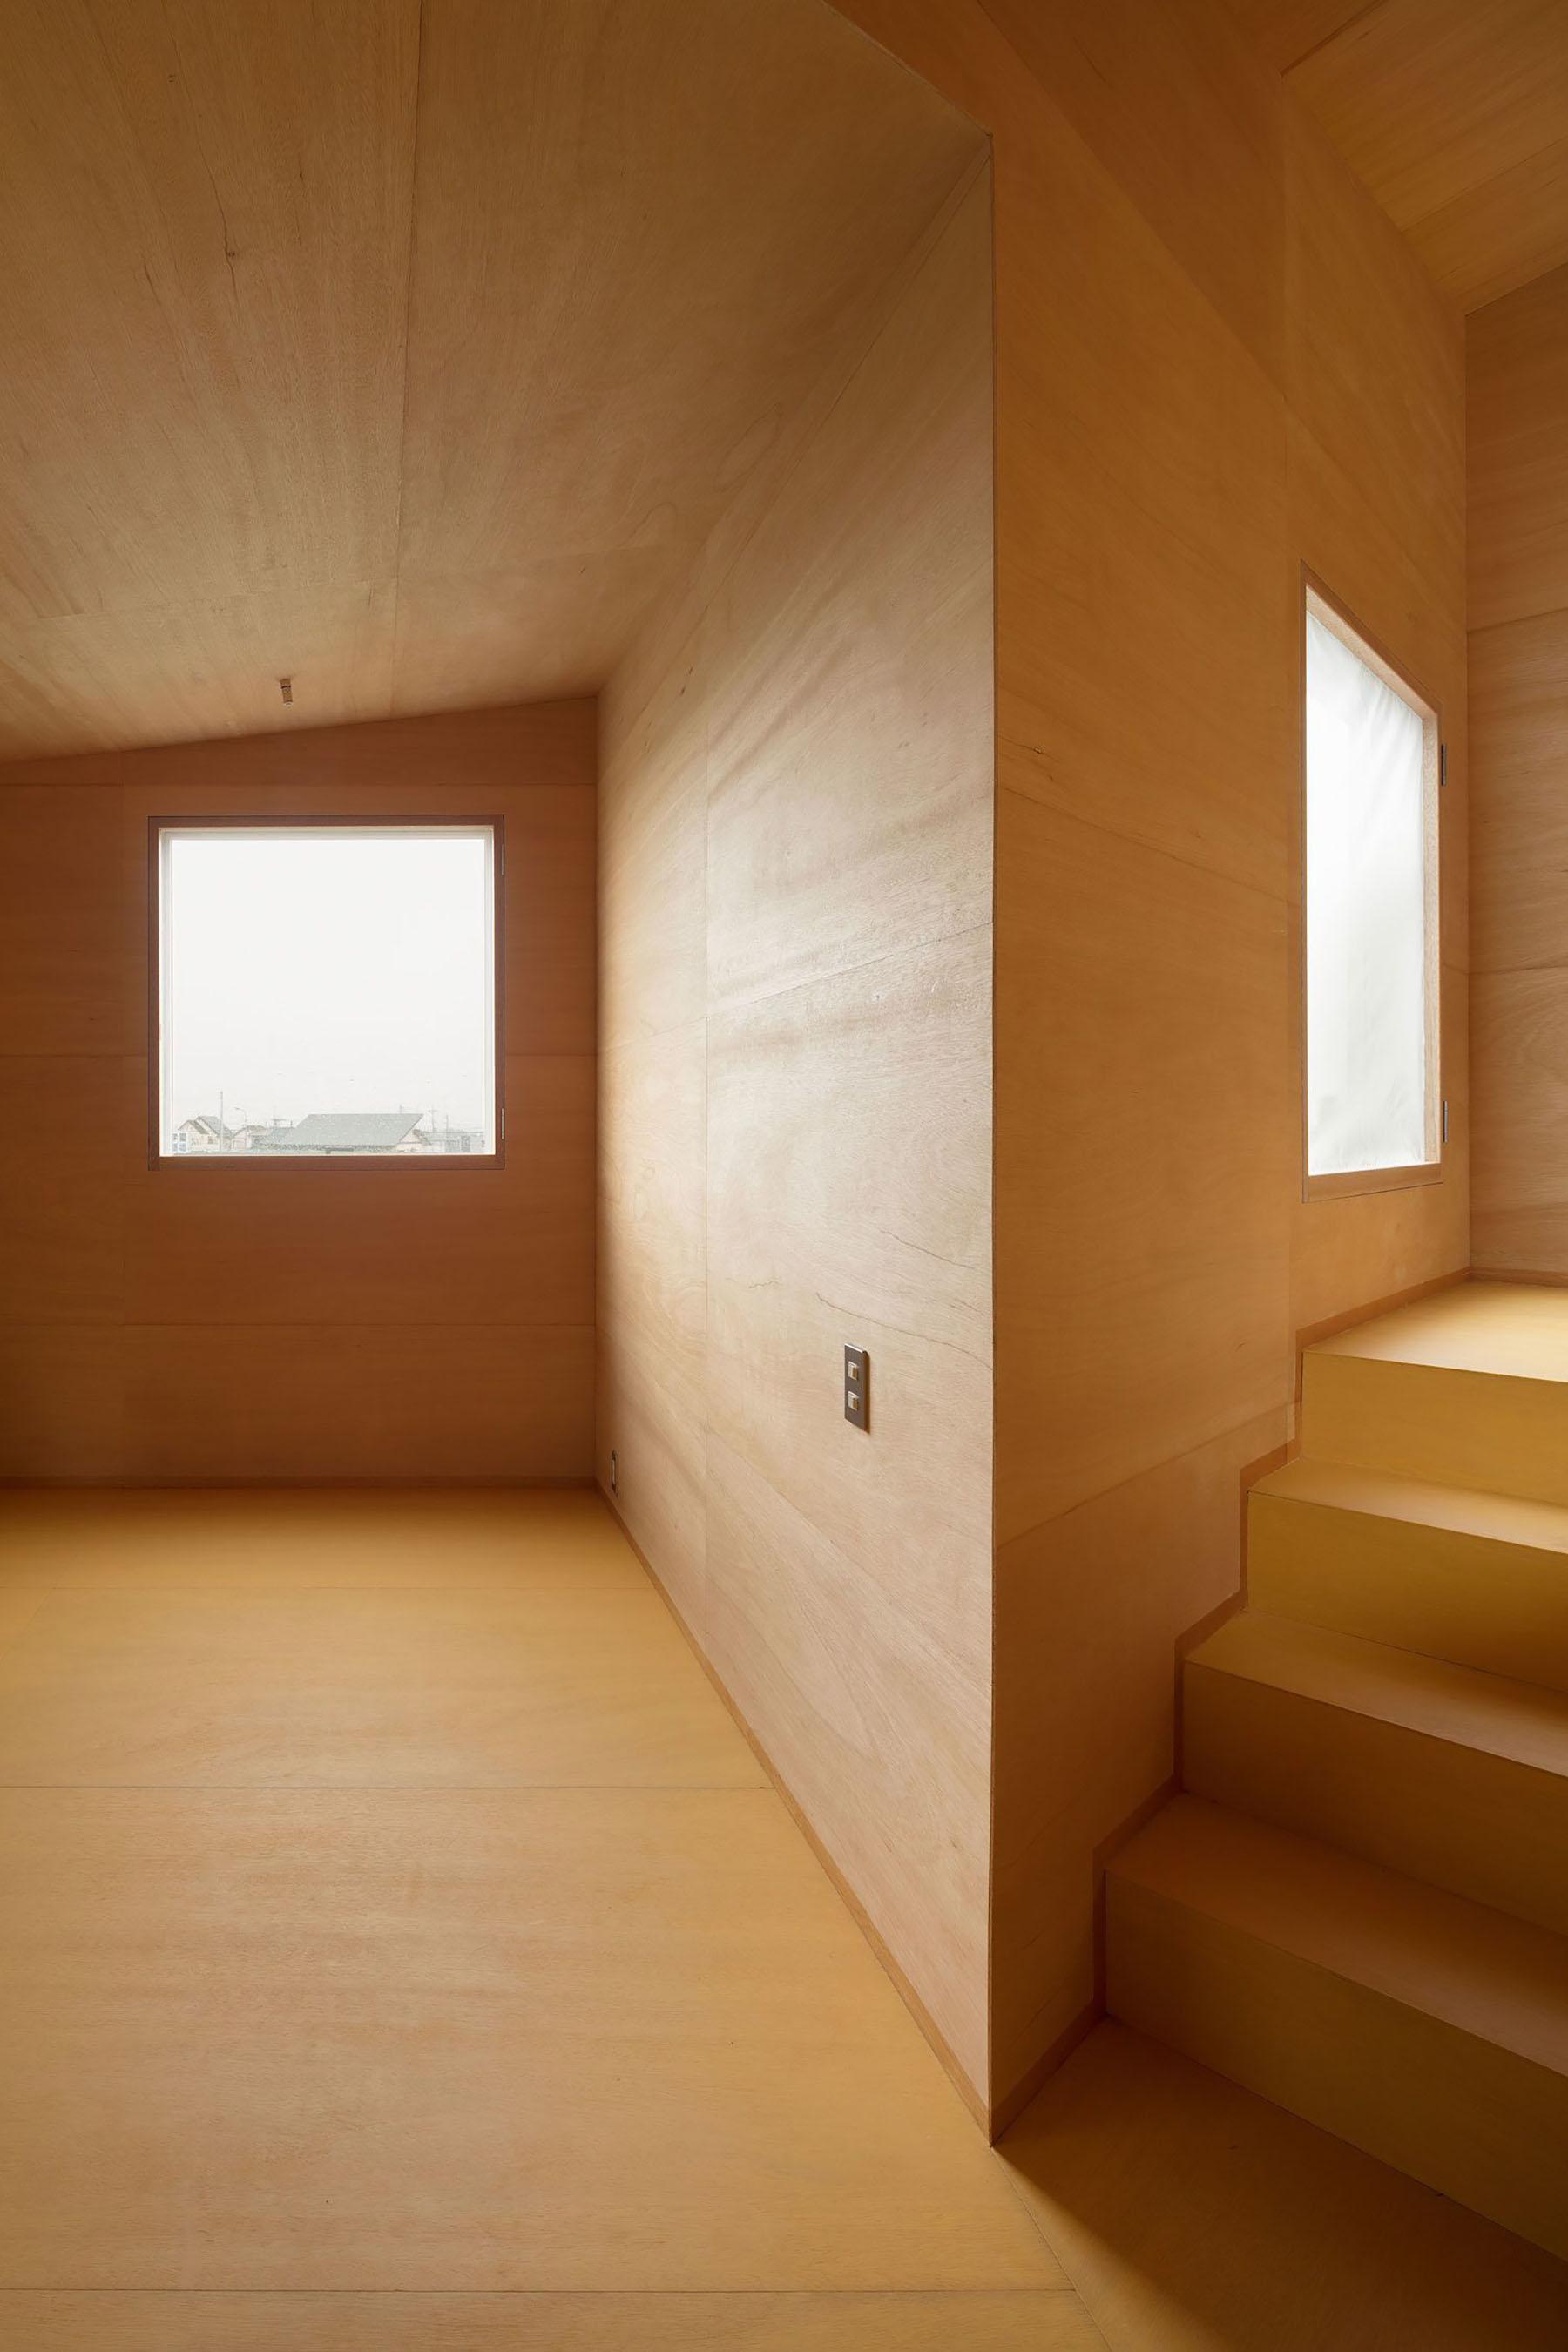 iGNANT-Architecture-Miya-Akiko-Roofs-And-Window-017